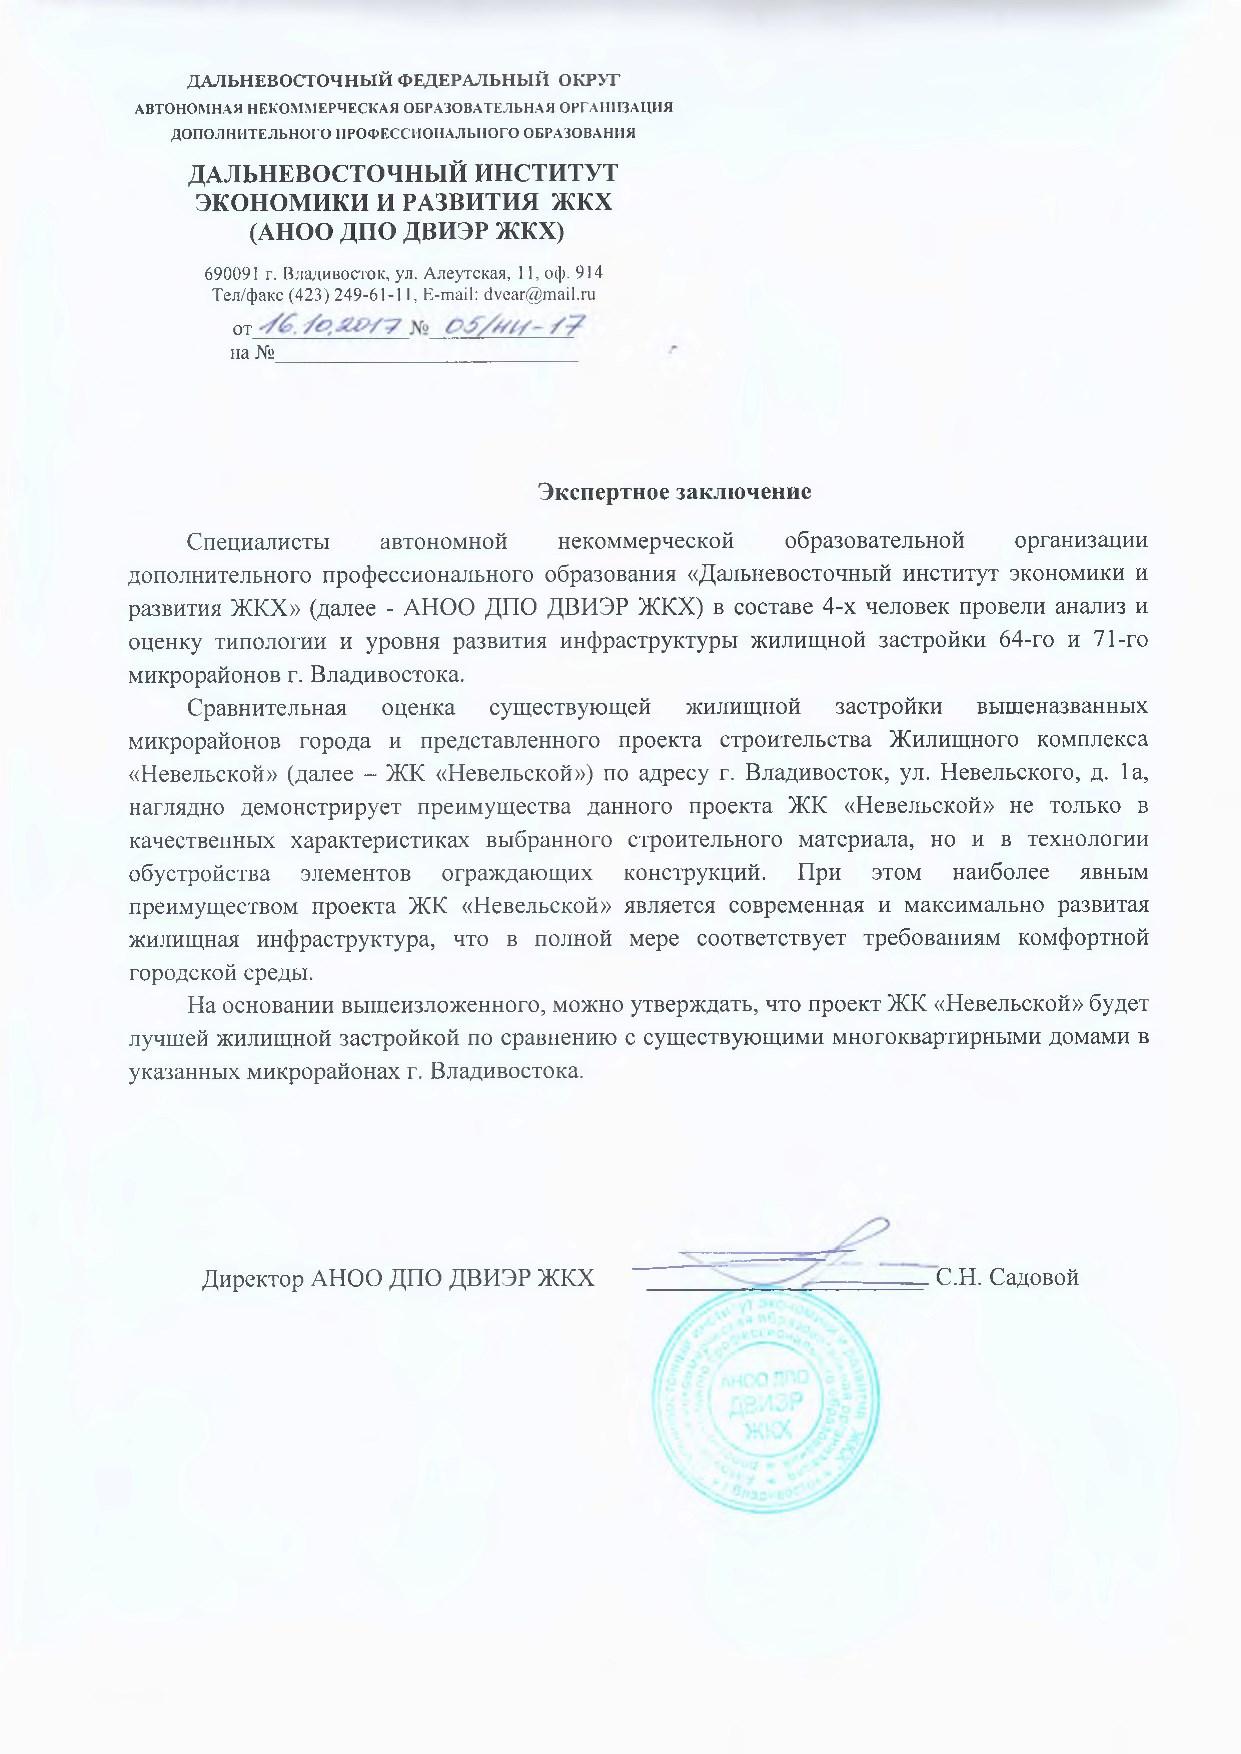 ЖК бизнес-класса «Невельской»